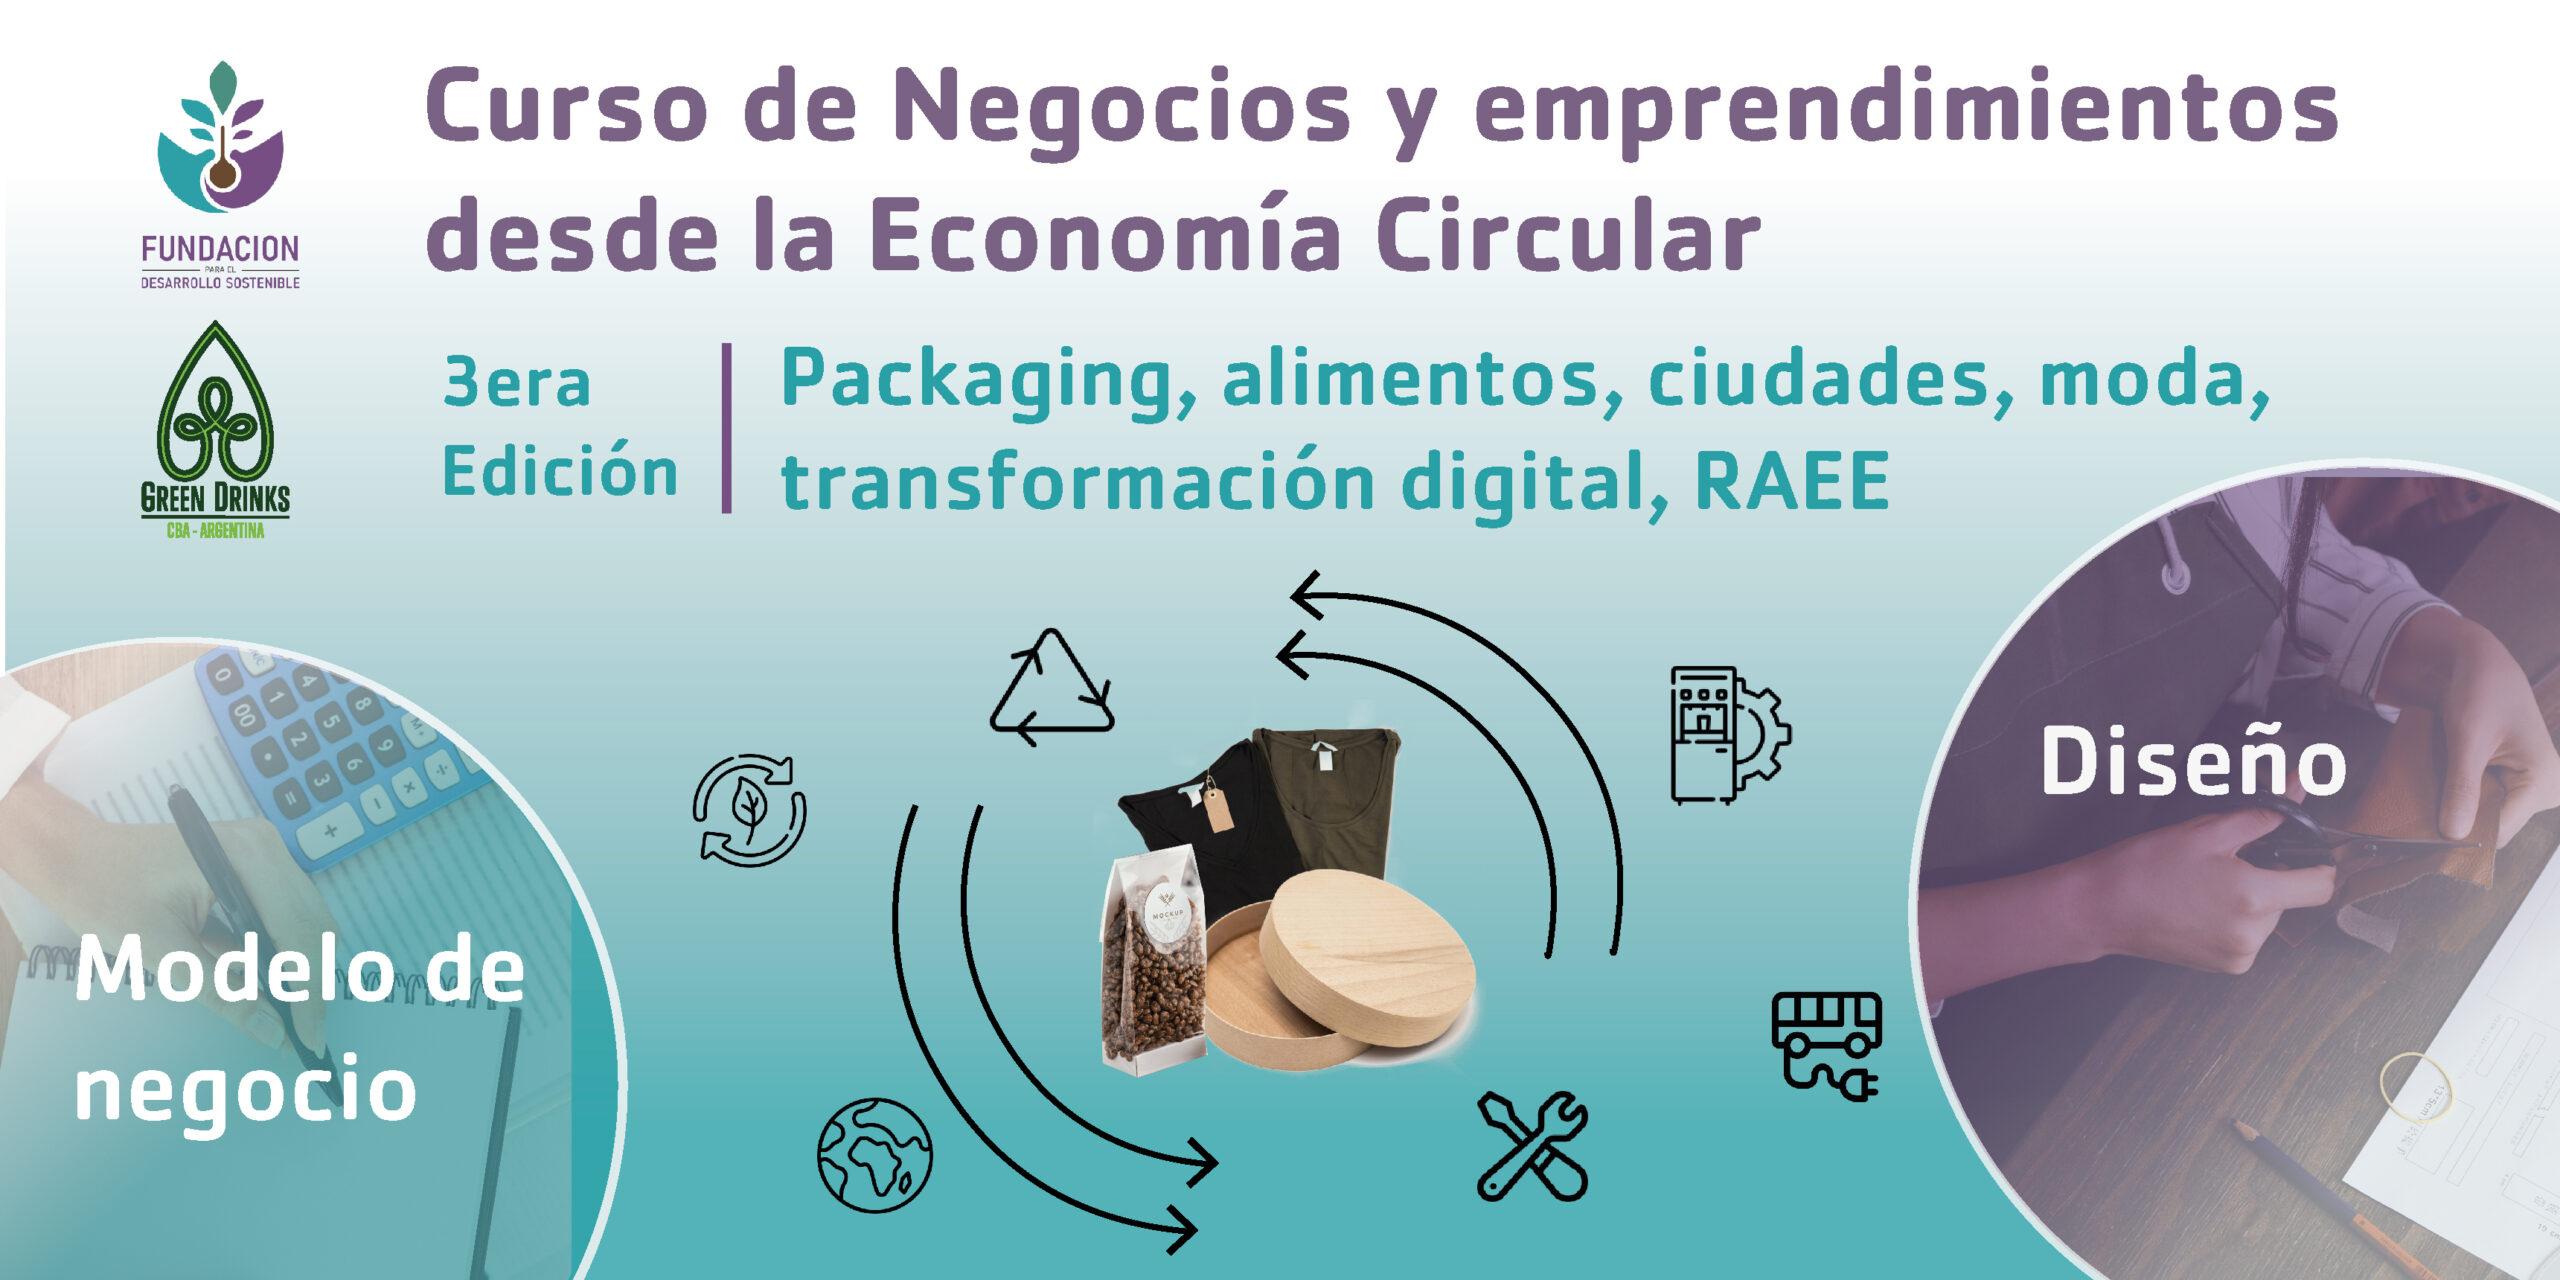 Negocios y emprendimientos desde la Economía Circular- 3era EDICIÓN 2021